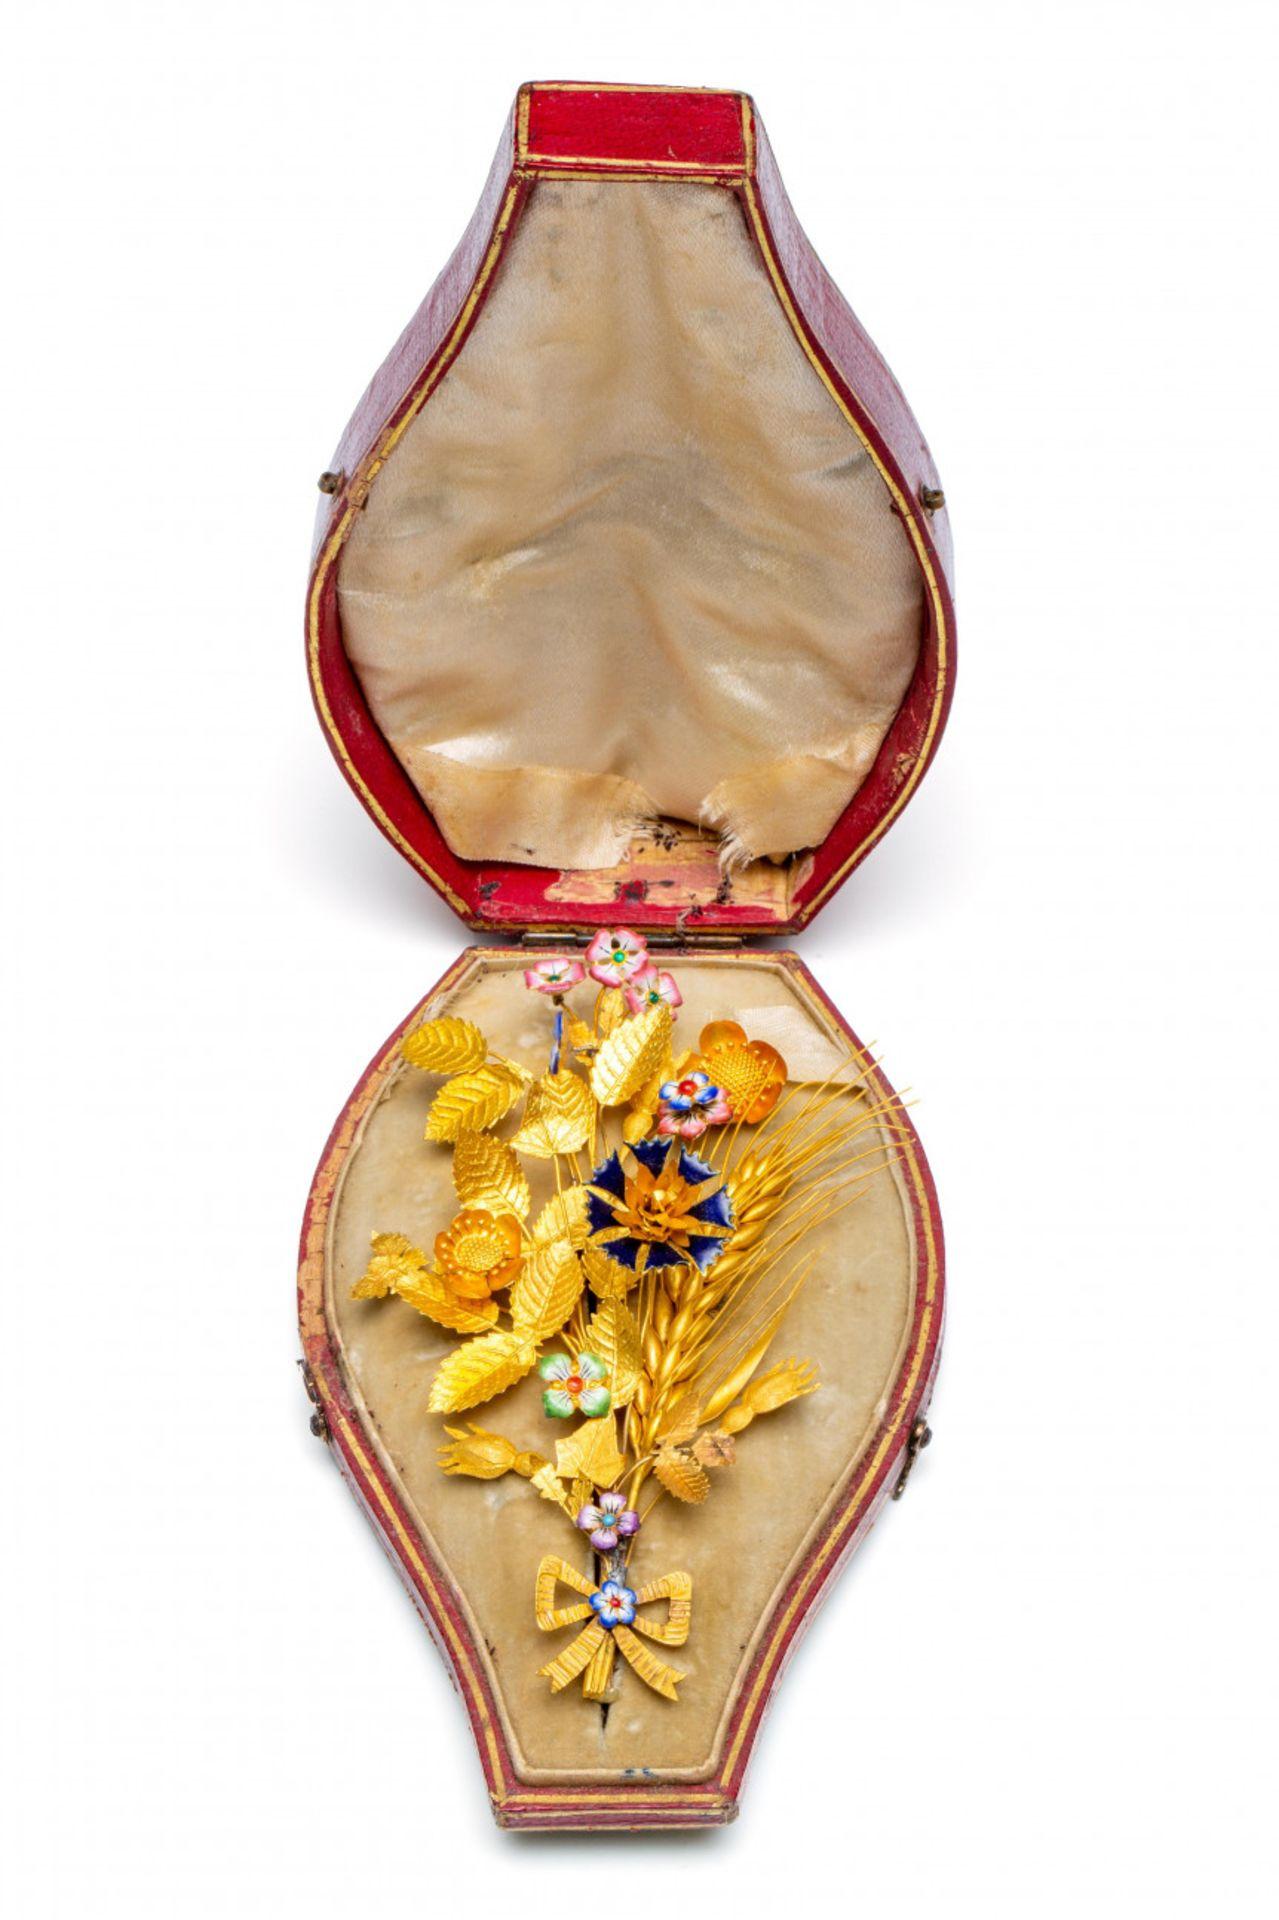 14krt. Gouden corsage broche, 19e eeuw, - Image 3 of 3